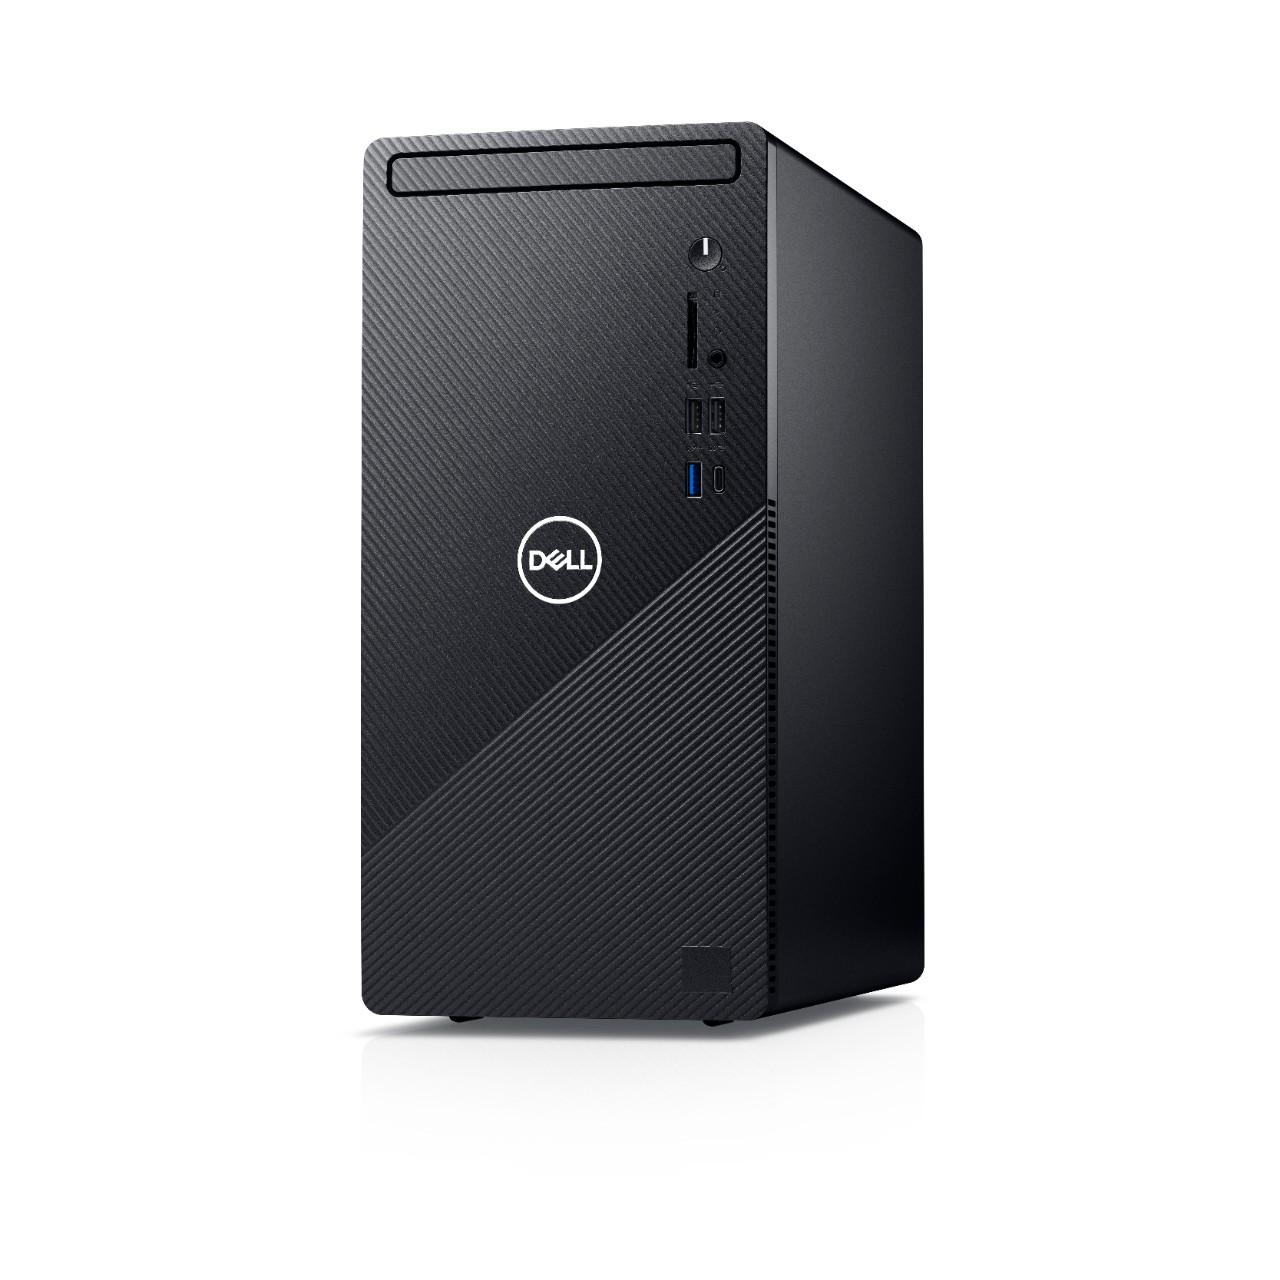 Dell Inspiron DT 3891 i5-10400/8GB/256SSD+1TB/DVD/W10Home/2RNBD/Černý - D-3891-N2-501K